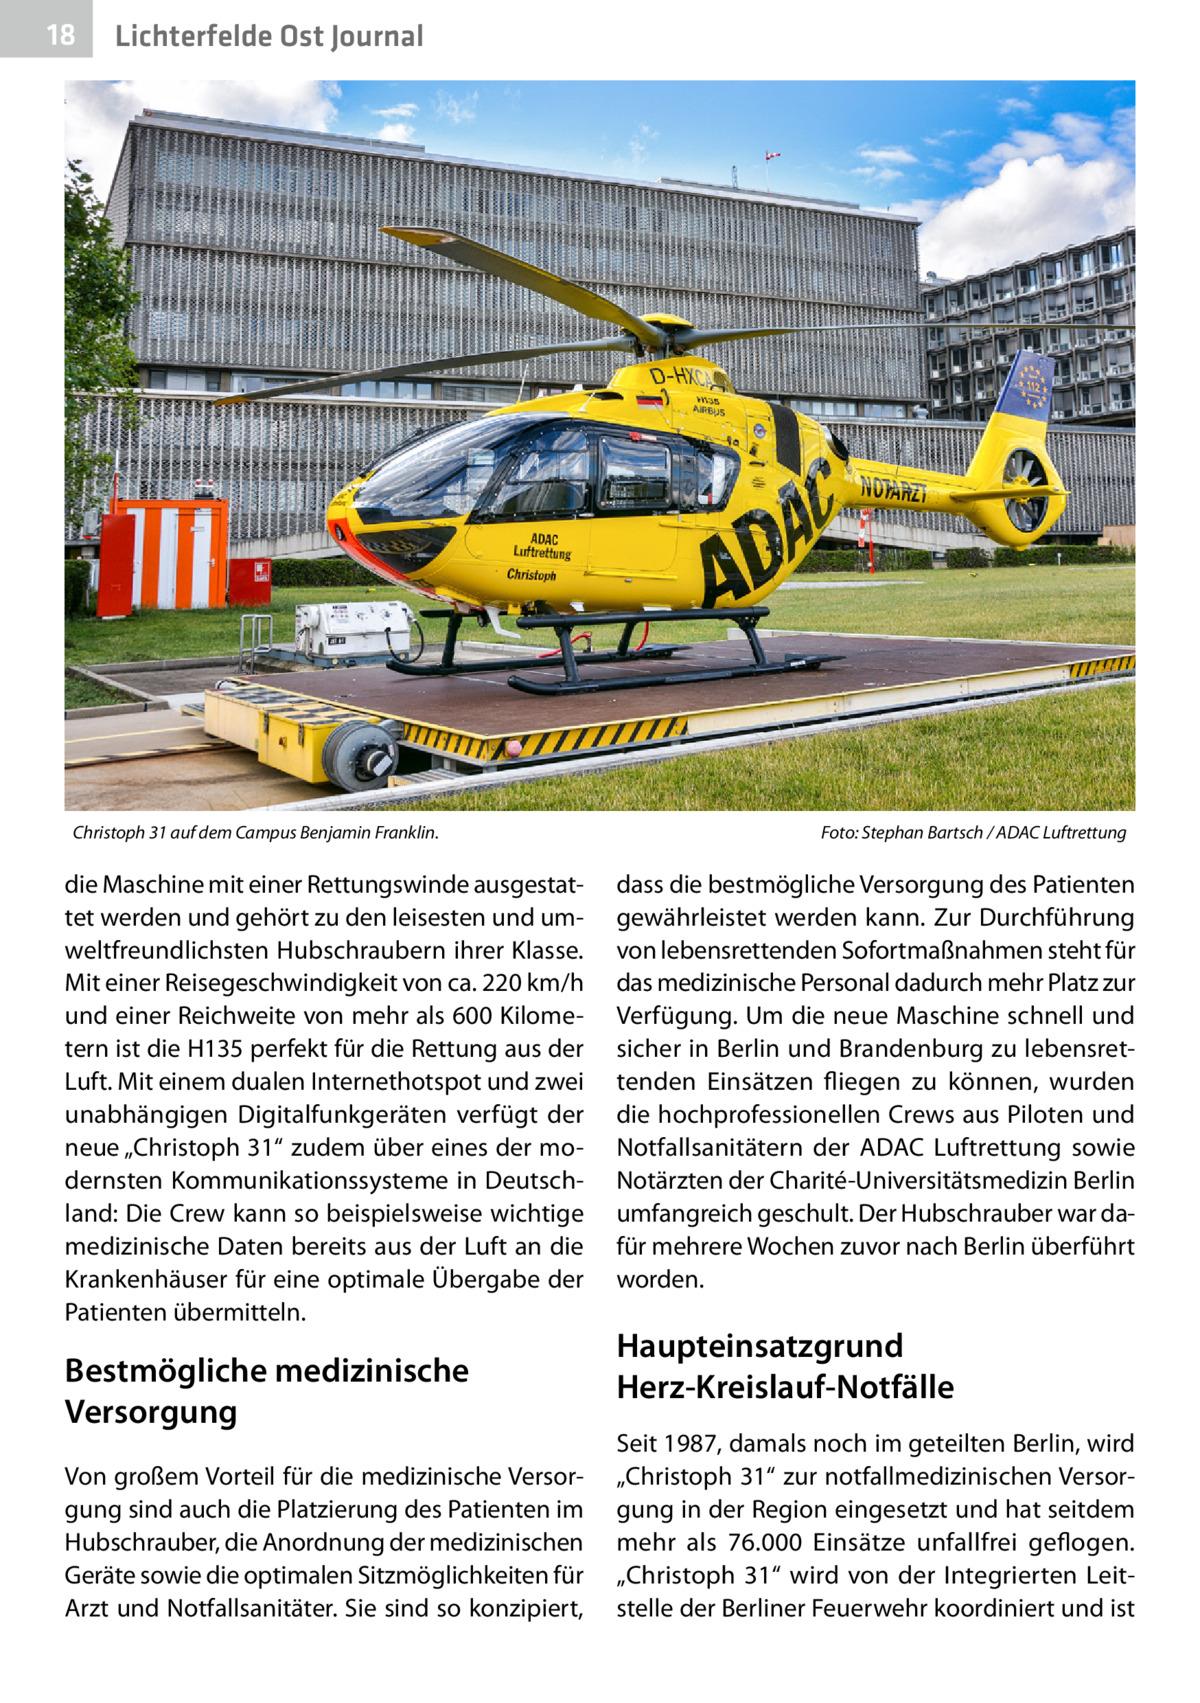 """18  Lichterfelde Ost Journal  Christoph 31 auf dem Campus Benjamin Franklin.�  die Maschine mit einer Rettungswinde ausgestattet werden und gehört zu den leisesten und umweltfreundlichsten Hubschraubern ihrer Klasse. Mit einer Reisegeschwindigkeit von ca. 220km/h und einer Reichweite von mehr als 600Kilometern ist die H135 perfekt für die Rettung aus der Luft. Mit einem dualen Internethotspot und zwei unabhängigen Digitalfunkgeräten verfügt der neue """"Christoph31"""" zudem über eines der modernsten Kommunikationssysteme in Deutschland: Die Crew kann so beispielsweise wichtige medizinische Daten bereits aus der Luft an die Krankenhäuser für eine optimale Übergabe der Patienten übermitteln.  Bestmögliche medizinische Versorgung Von großem Vorteil für die medizinische Versorgung sind auch die Platzierung des Patienten im Hubschrauber, die Anordnung der medizinischen Geräte sowie die optimalen Sitzmöglichkeiten für Arzt und Notfallsanitäter. Sie sind so konzipiert,  Foto: Stephan Bartsch / ADAC Luftrettung  dass die bestmögliche Versorgung des Patienten gewährleistet werden kann. Zur Durchführung von lebensrettenden Sofortmaßnahmen steht für das medizinische Personal dadurch mehr Platz zur Verfügung. Um die neue Maschine schnell und sicher in Berlin und Brandenburg zu lebensrettenden Einsätzen fliegen zu können, wurden die hochprofessionellen Crews aus Piloten und Notfallsanitätern der ADAC Luftrettung sowie Notärzten der Charité-Universitätsmedizin Berlin umfangreich geschult. Der Hubschrauber war dafür mehrere Wochen zuvor nach Berlin überführt worden.  Haupteinsatzgrund Herz-Kreislauf-Notfälle Seit 1987, damals noch im geteilten Berlin, wird """"Christoph31"""" zur notfallmedizinischen Versorgung in der Region eingesetzt und hat seitdem mehr als 76.000 Einsätze unfallfrei geflogen. """"Christoph 31"""" wird von der Integrierten Leitstelle der Berliner Feuerwehr koordiniert und ist"""